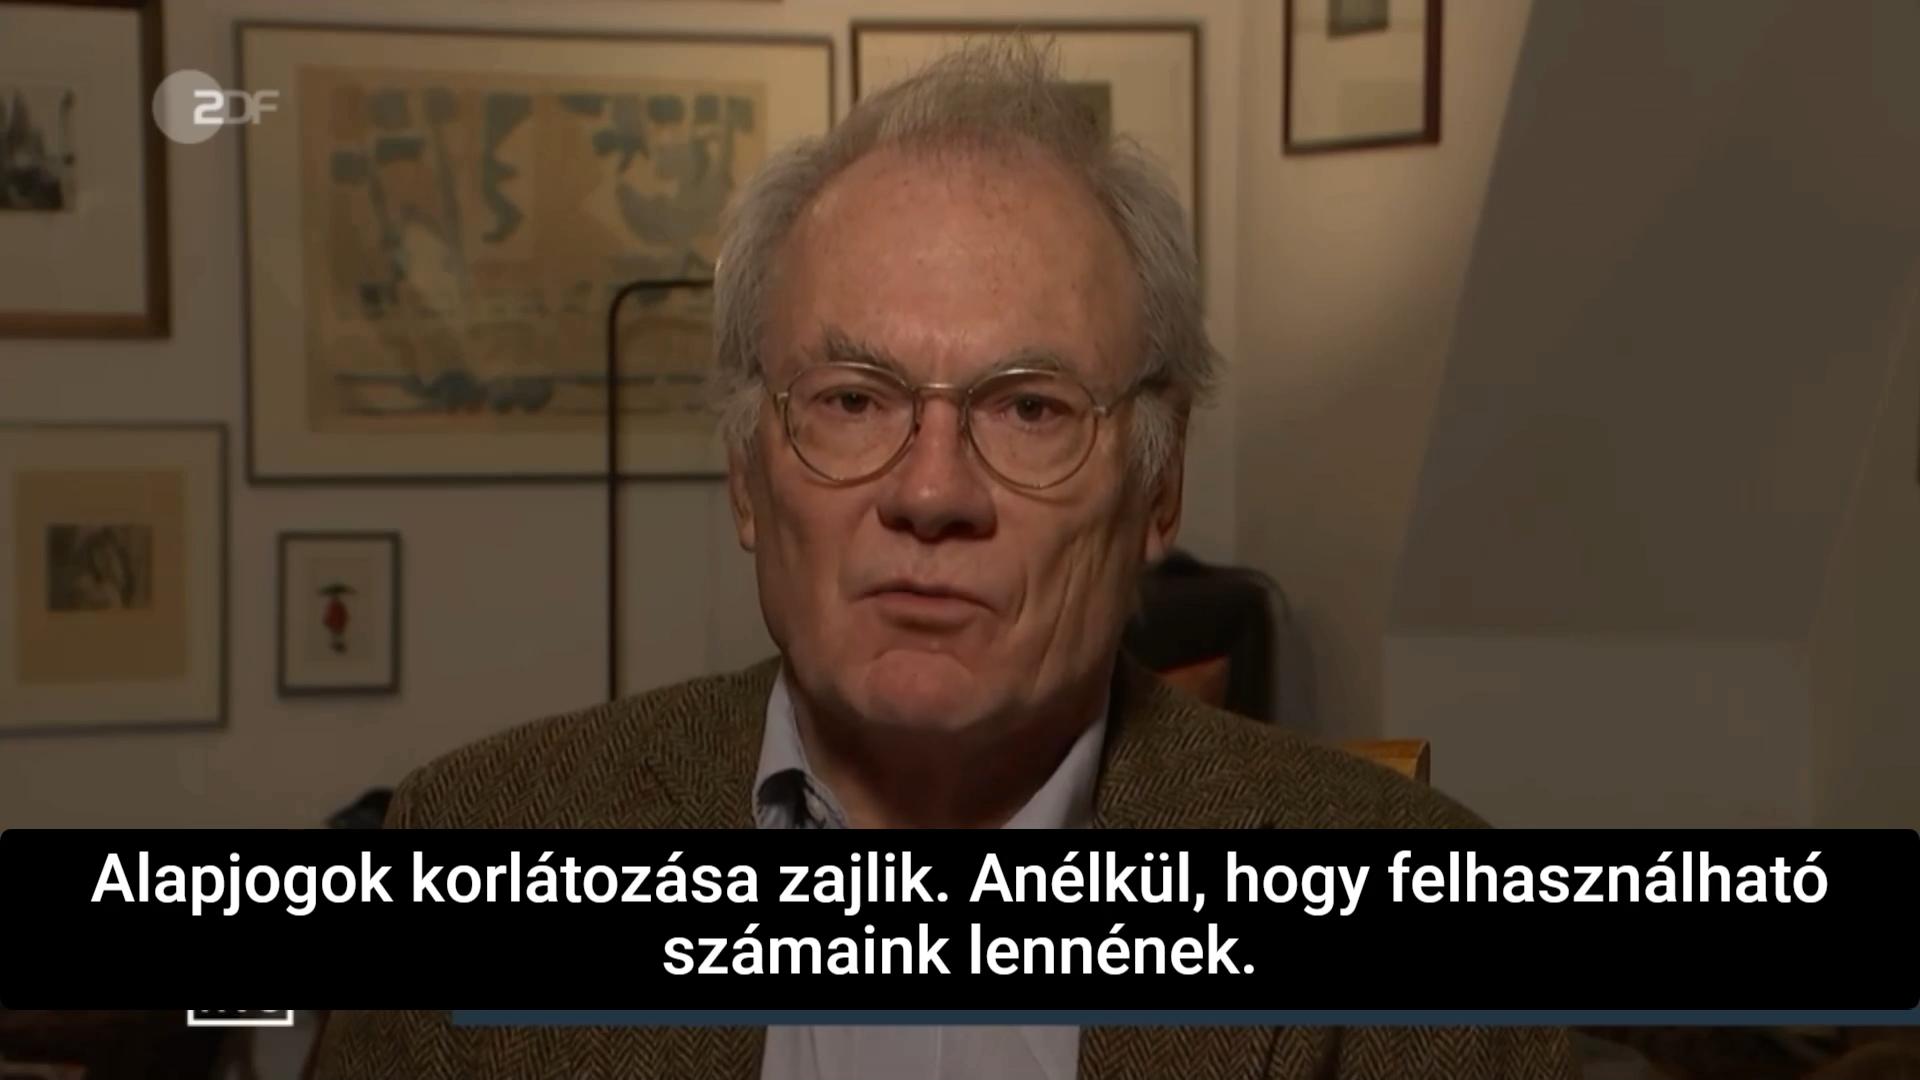 Professzor Matthias Schrappe, infektológus – A SZÁMOK SEMMIT NEM ÉRNEK!